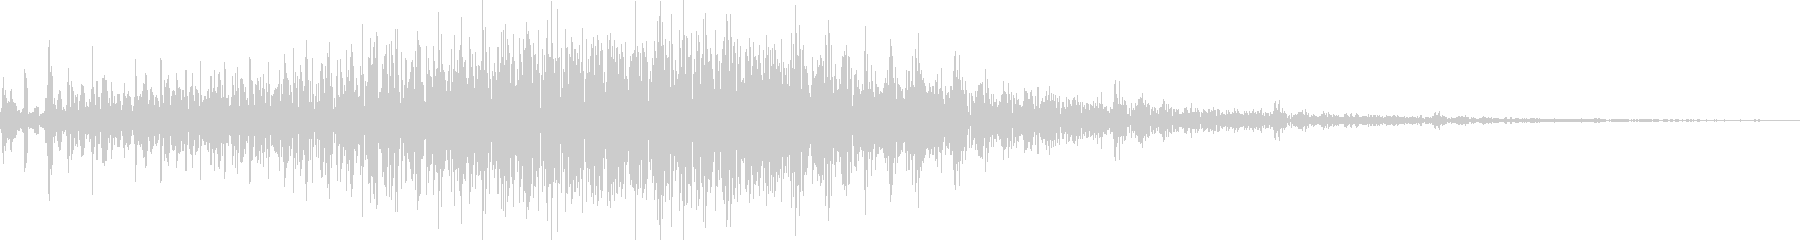 AMGアナログFX16の未再生の波形